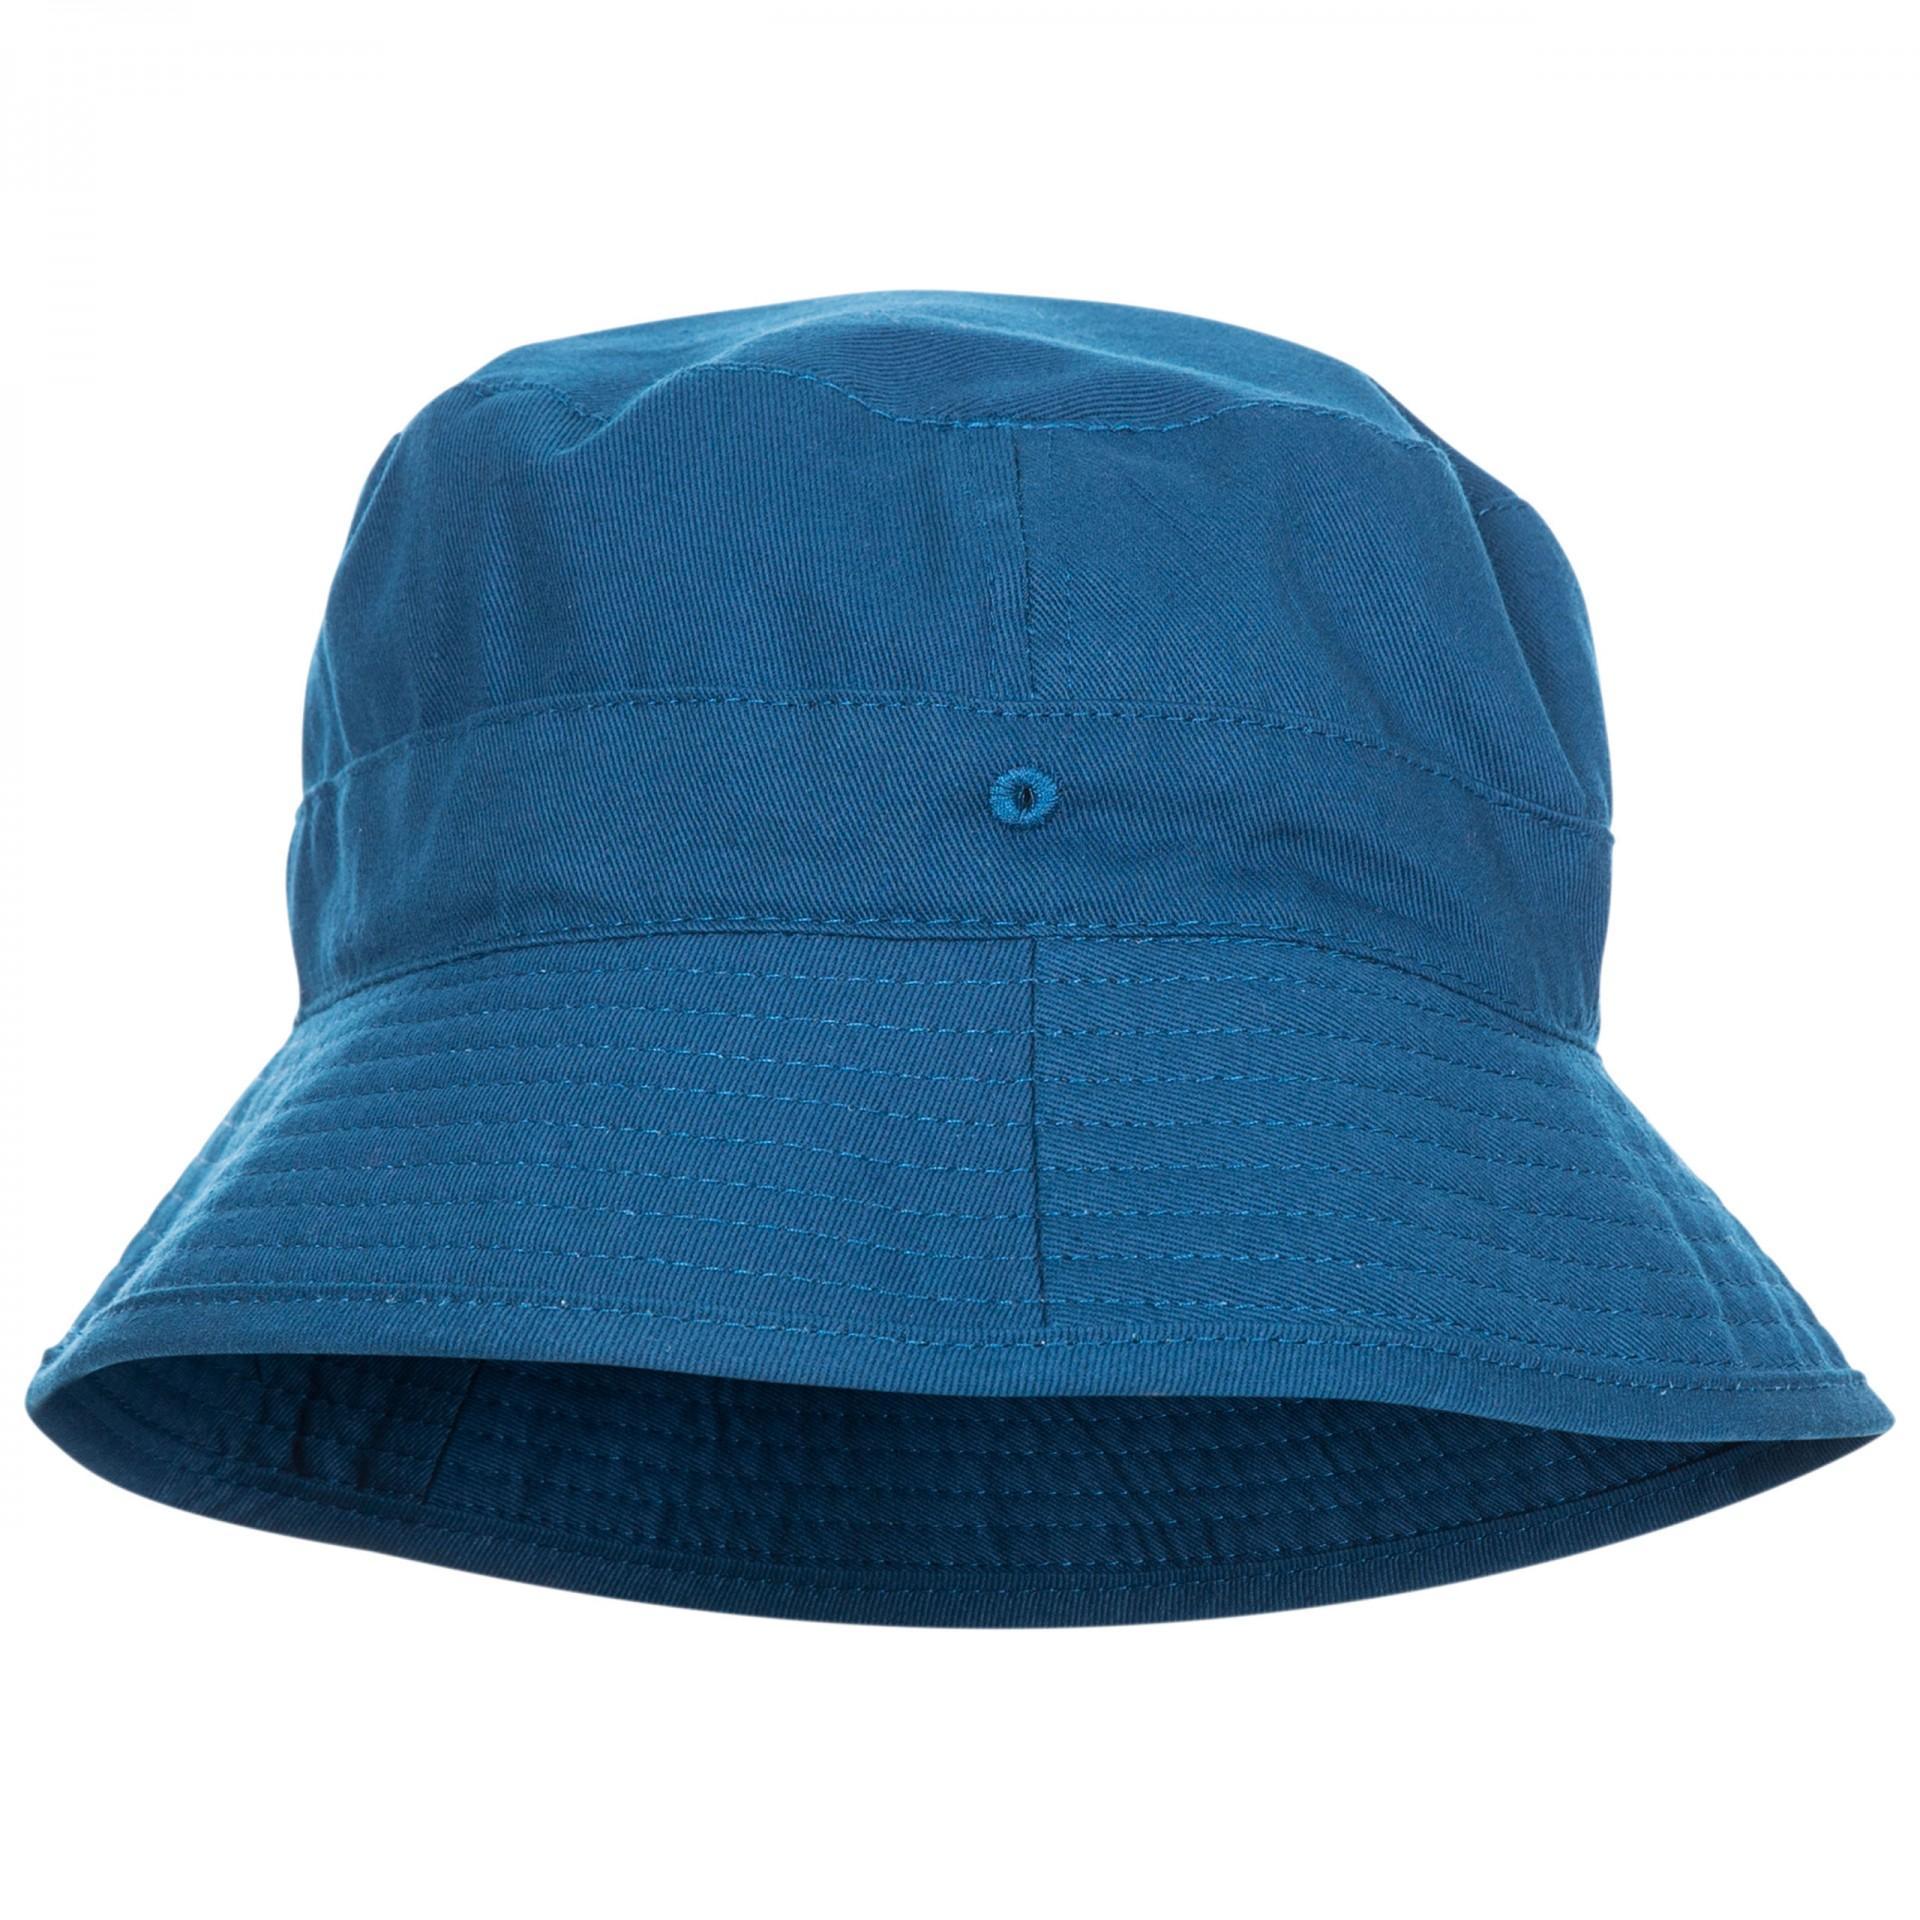 Trespass Unisex Kids Zebedee Sun Hat